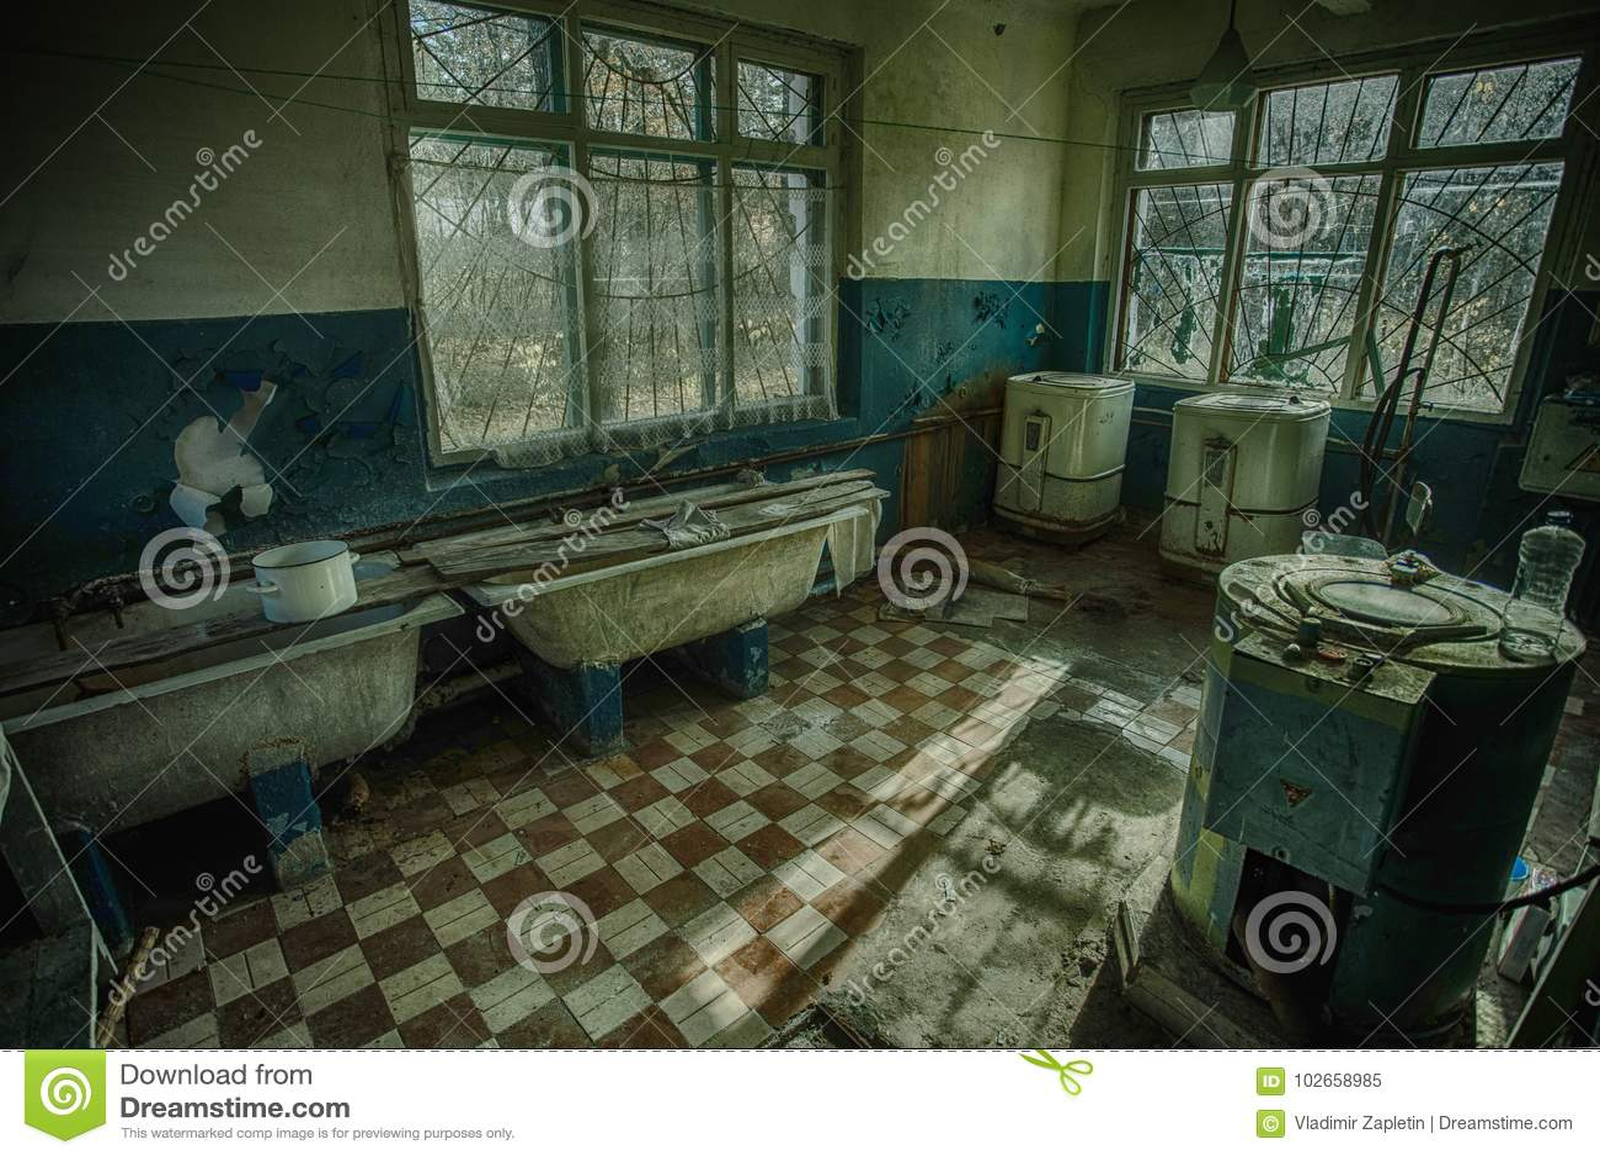 Viejo lavadero siniestro y espeluznante en un hospital psiquiátrico abandonado